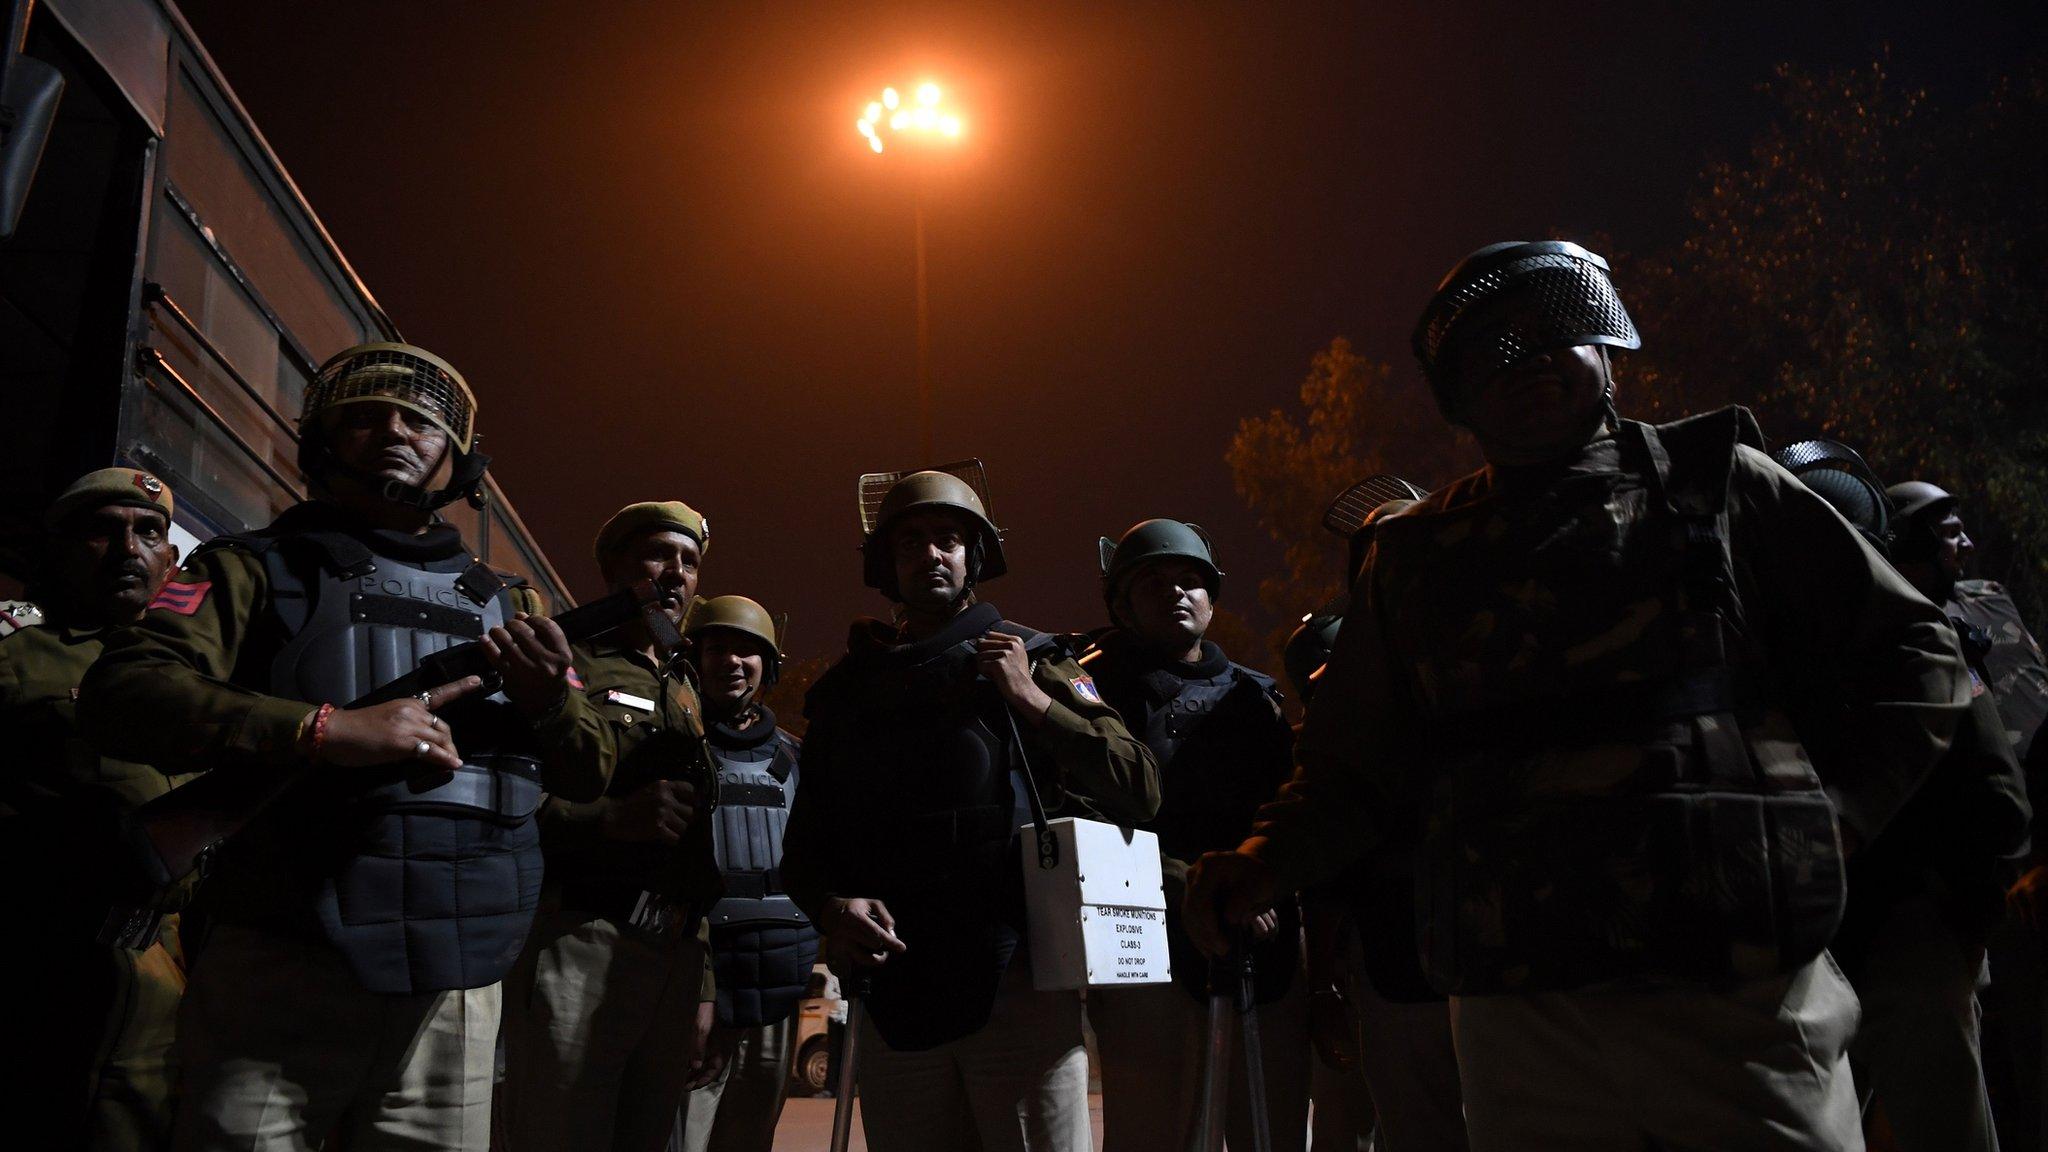 दिल्ली के हिंसाग्रस्त इलाकों में बुधवार भी बंद रहेंगे स्कूल : आज की पांच बड़ी ख़बरें